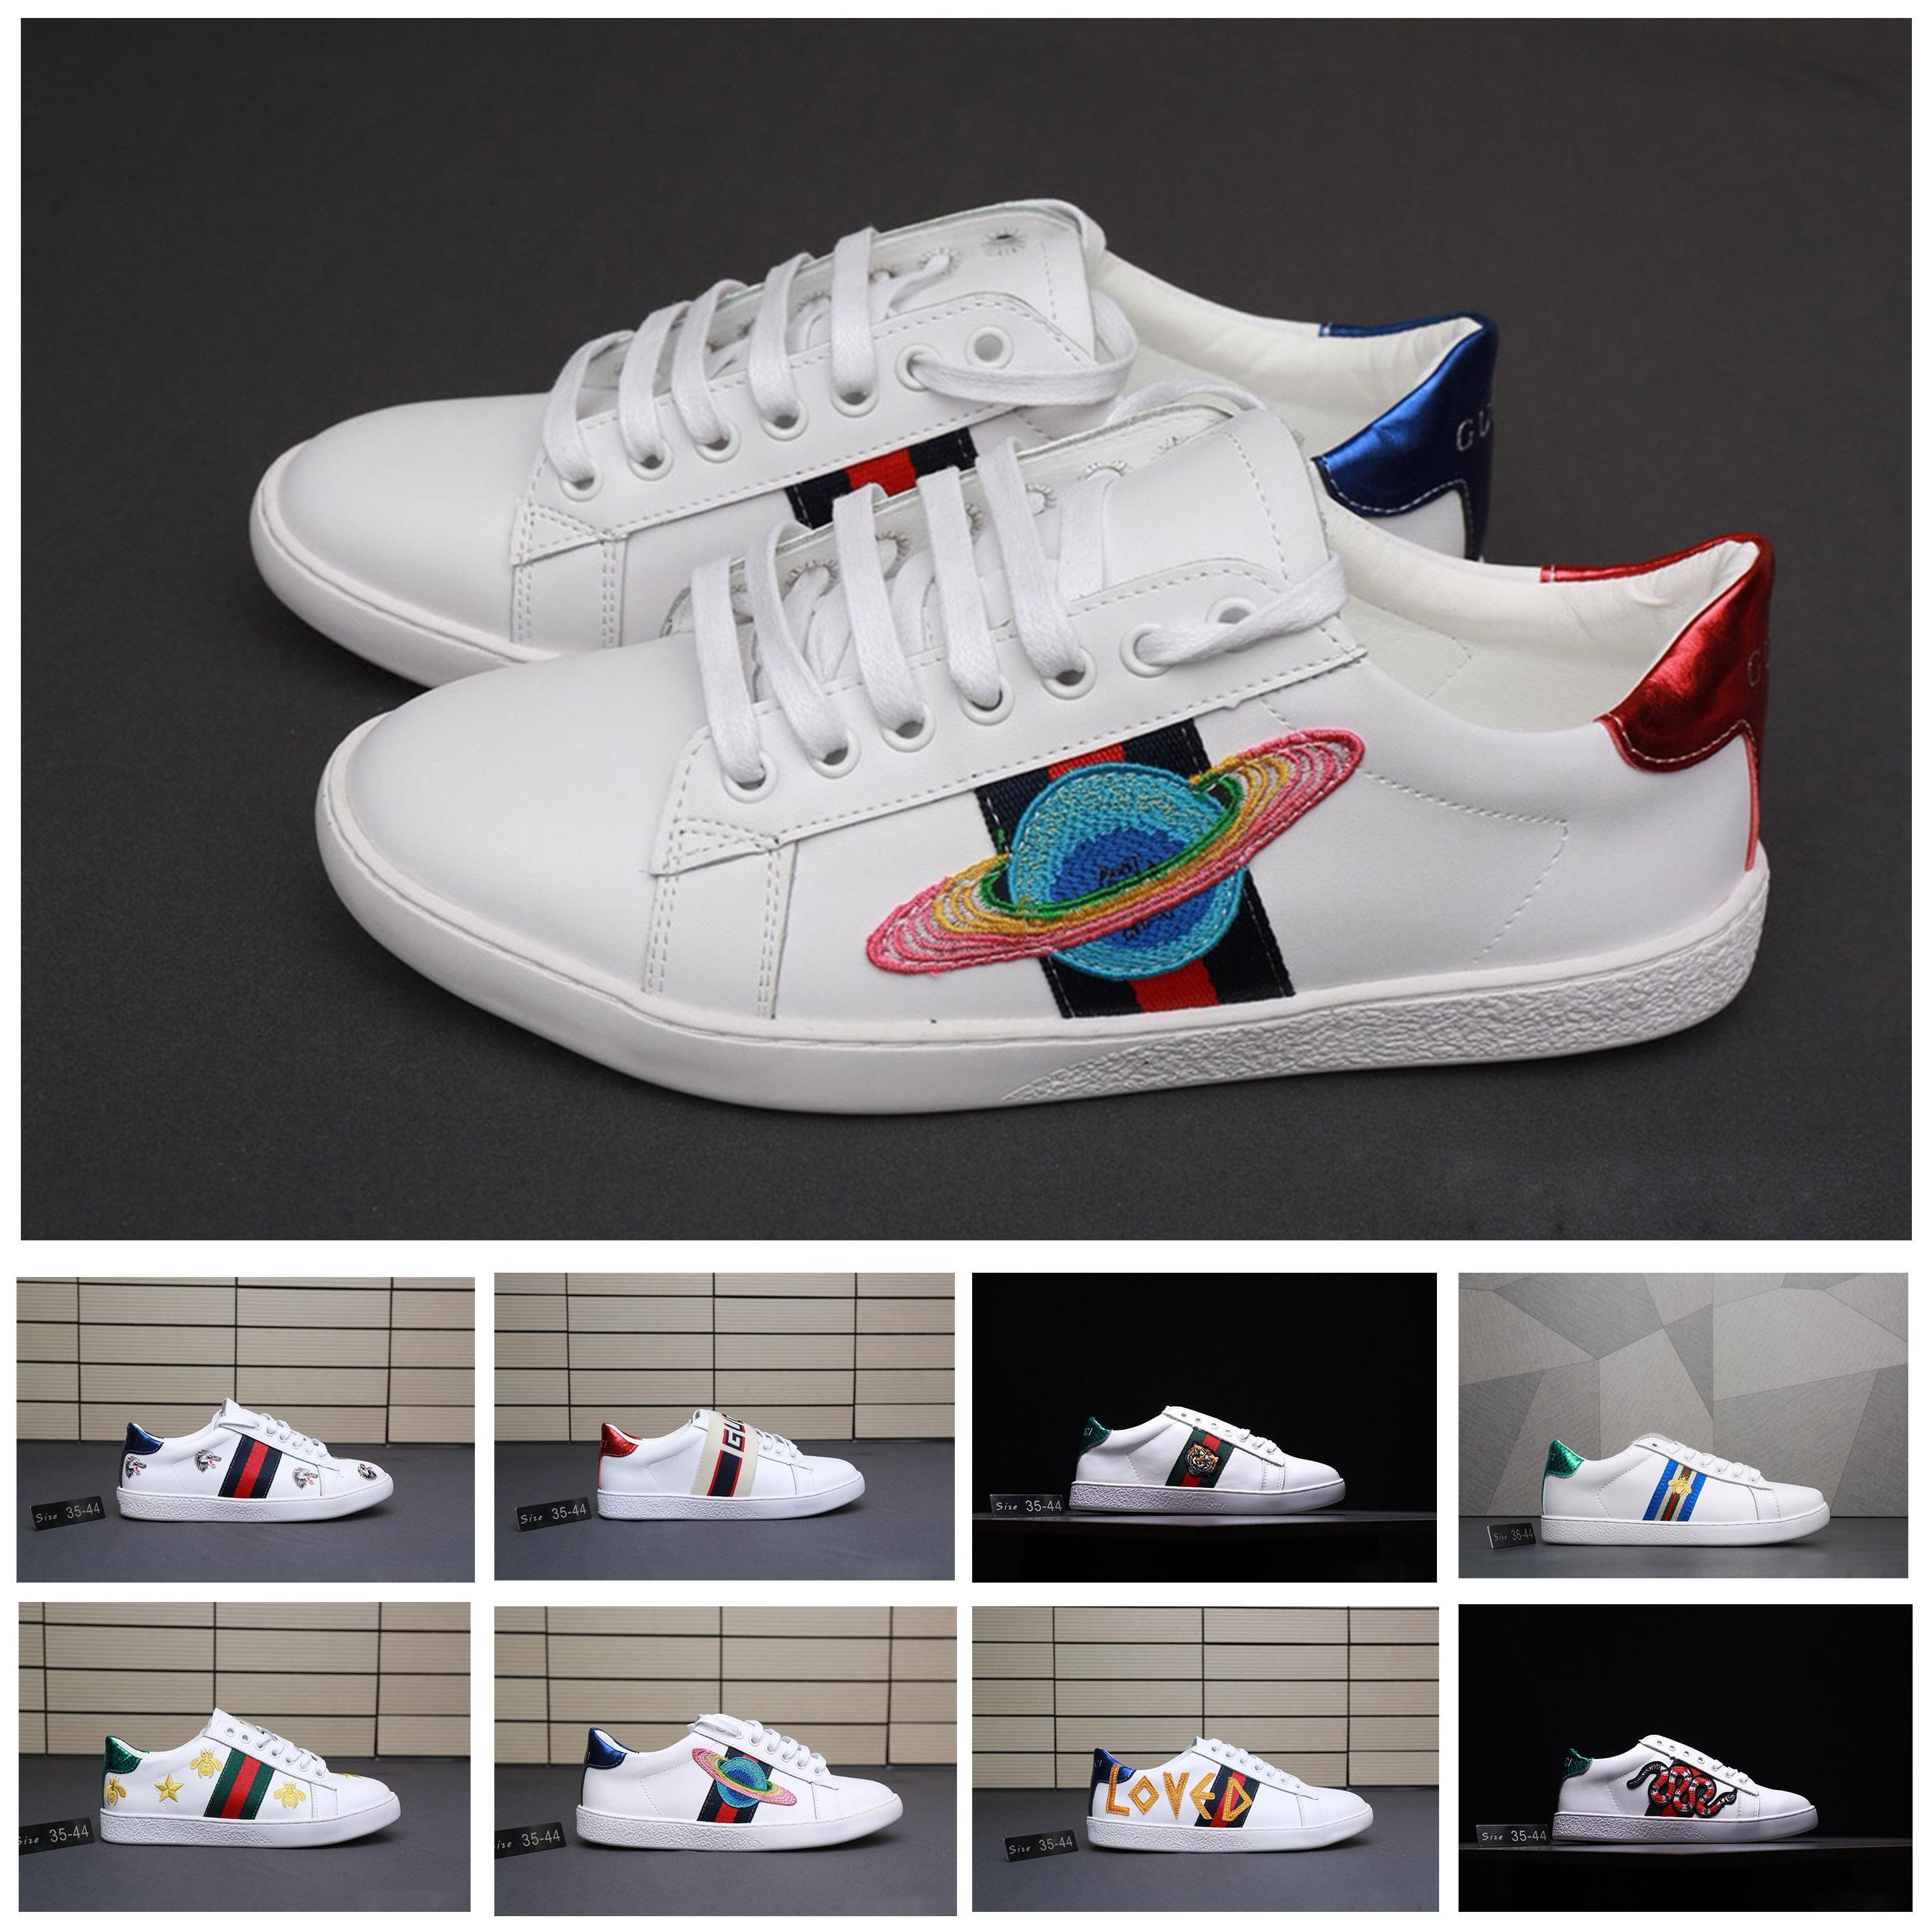 4b5dbca43a97f Compre Gucci Men Shoes Deportivas Más Vendidas